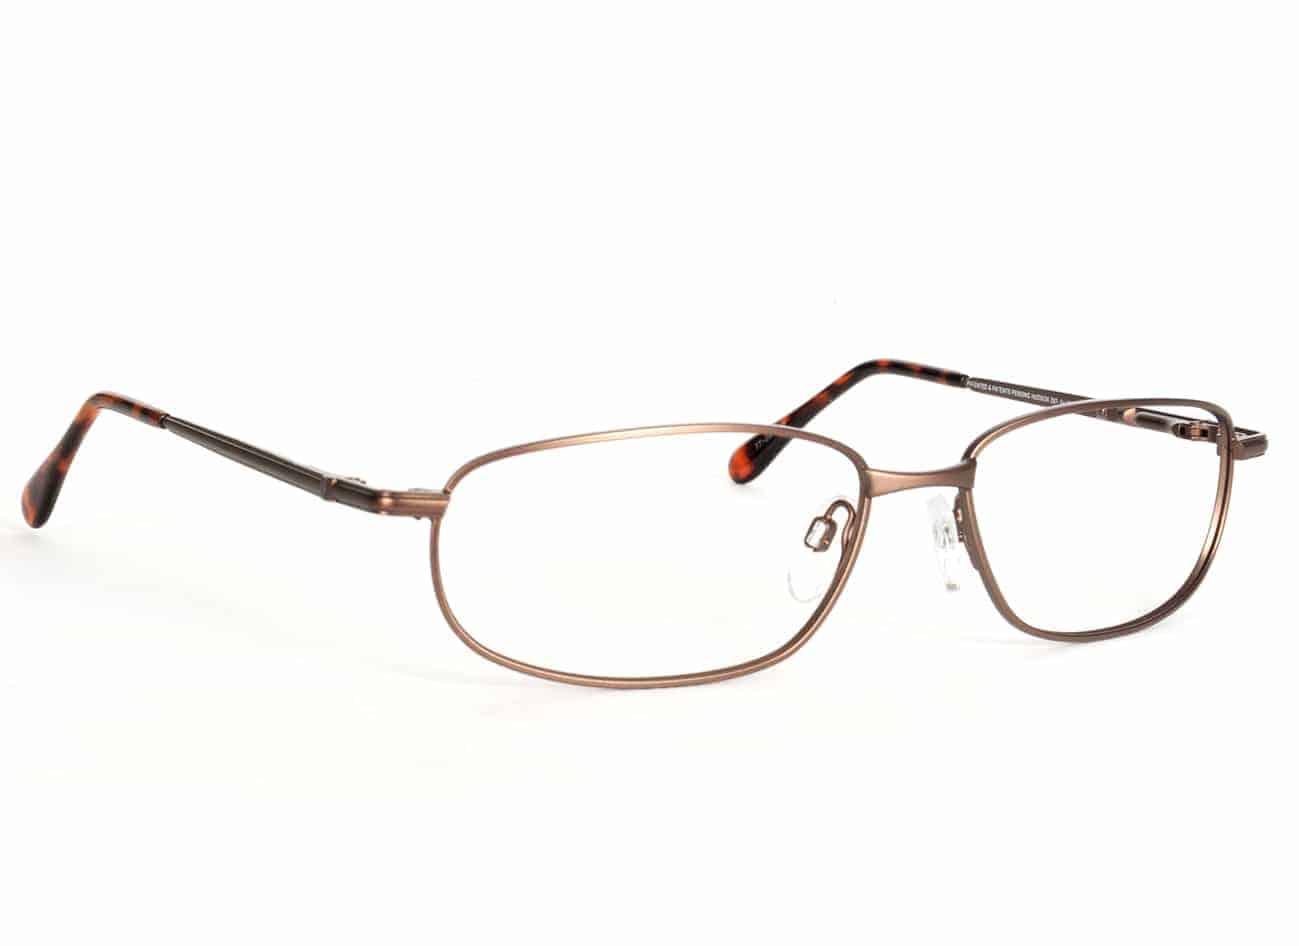 Hudson Optical / ST-4 / Safety Glasses | E-Z Optical